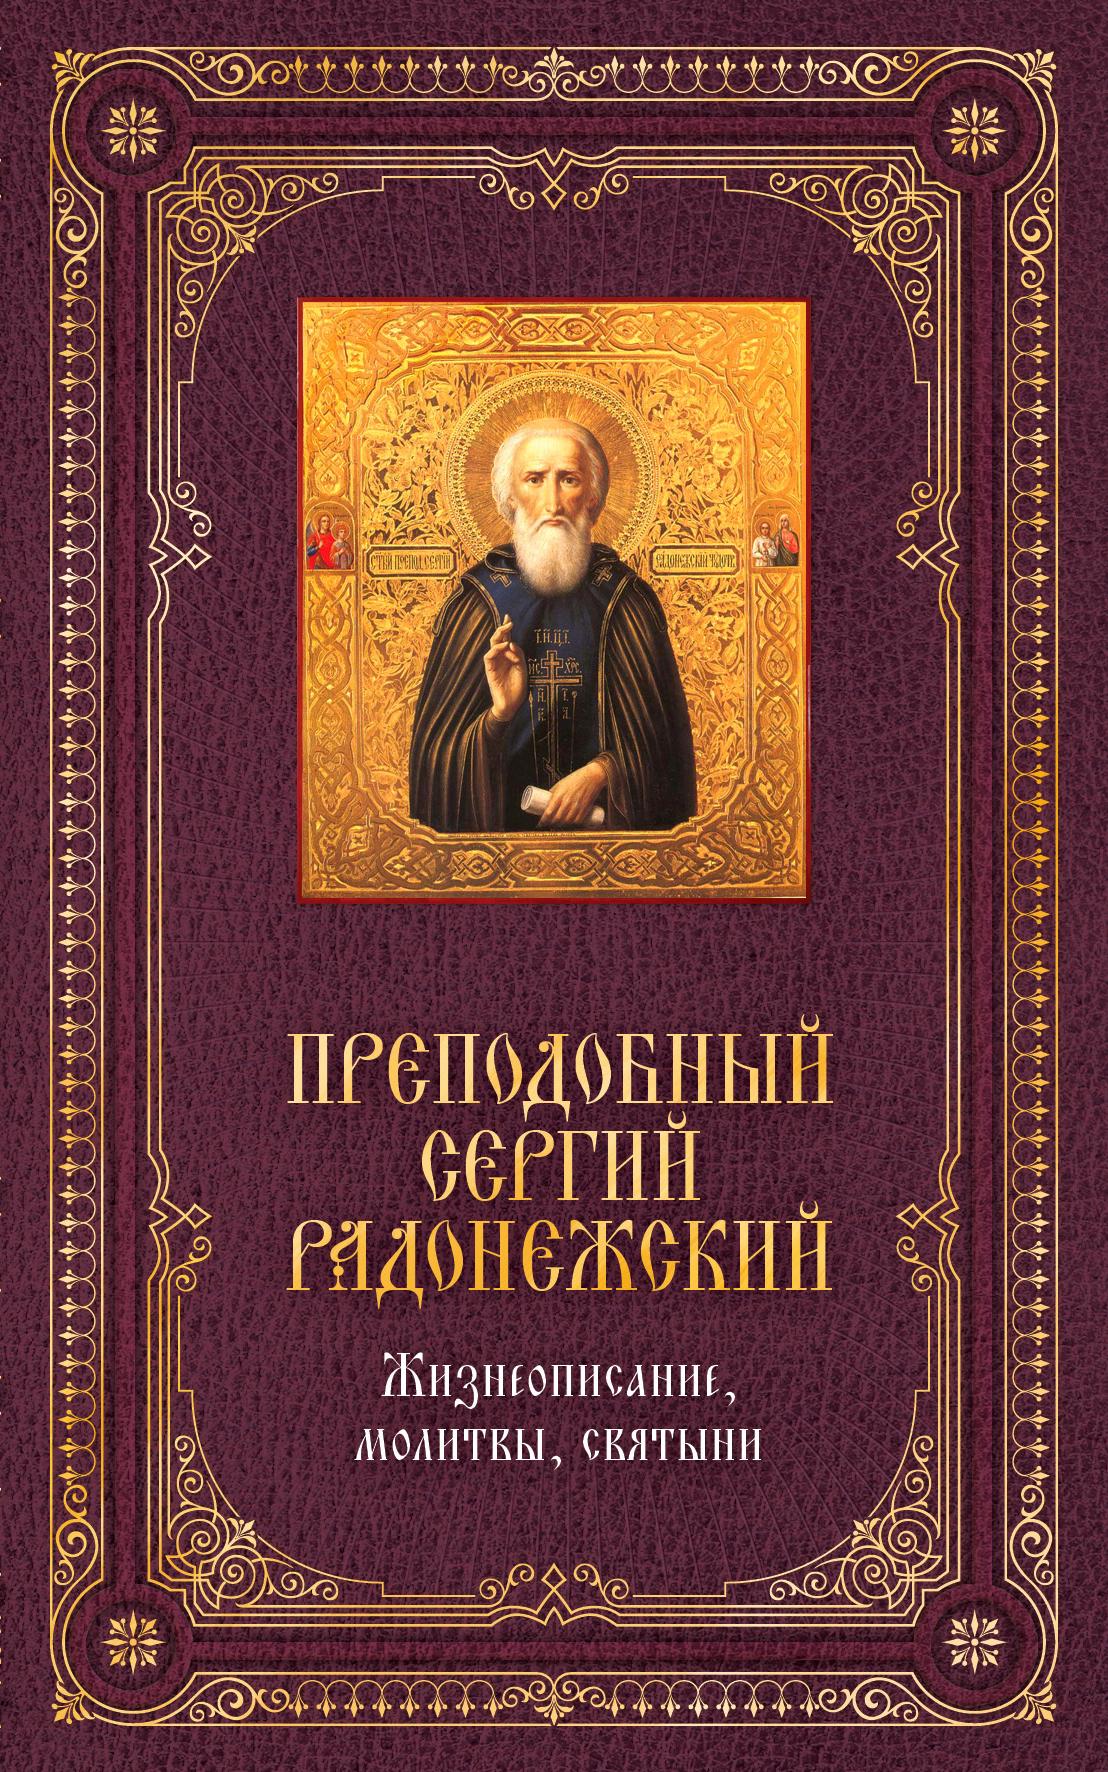 Преподобный Сергий Радонежский: Жизнеописание, молитвы, святыни [книга и икона в футляре]